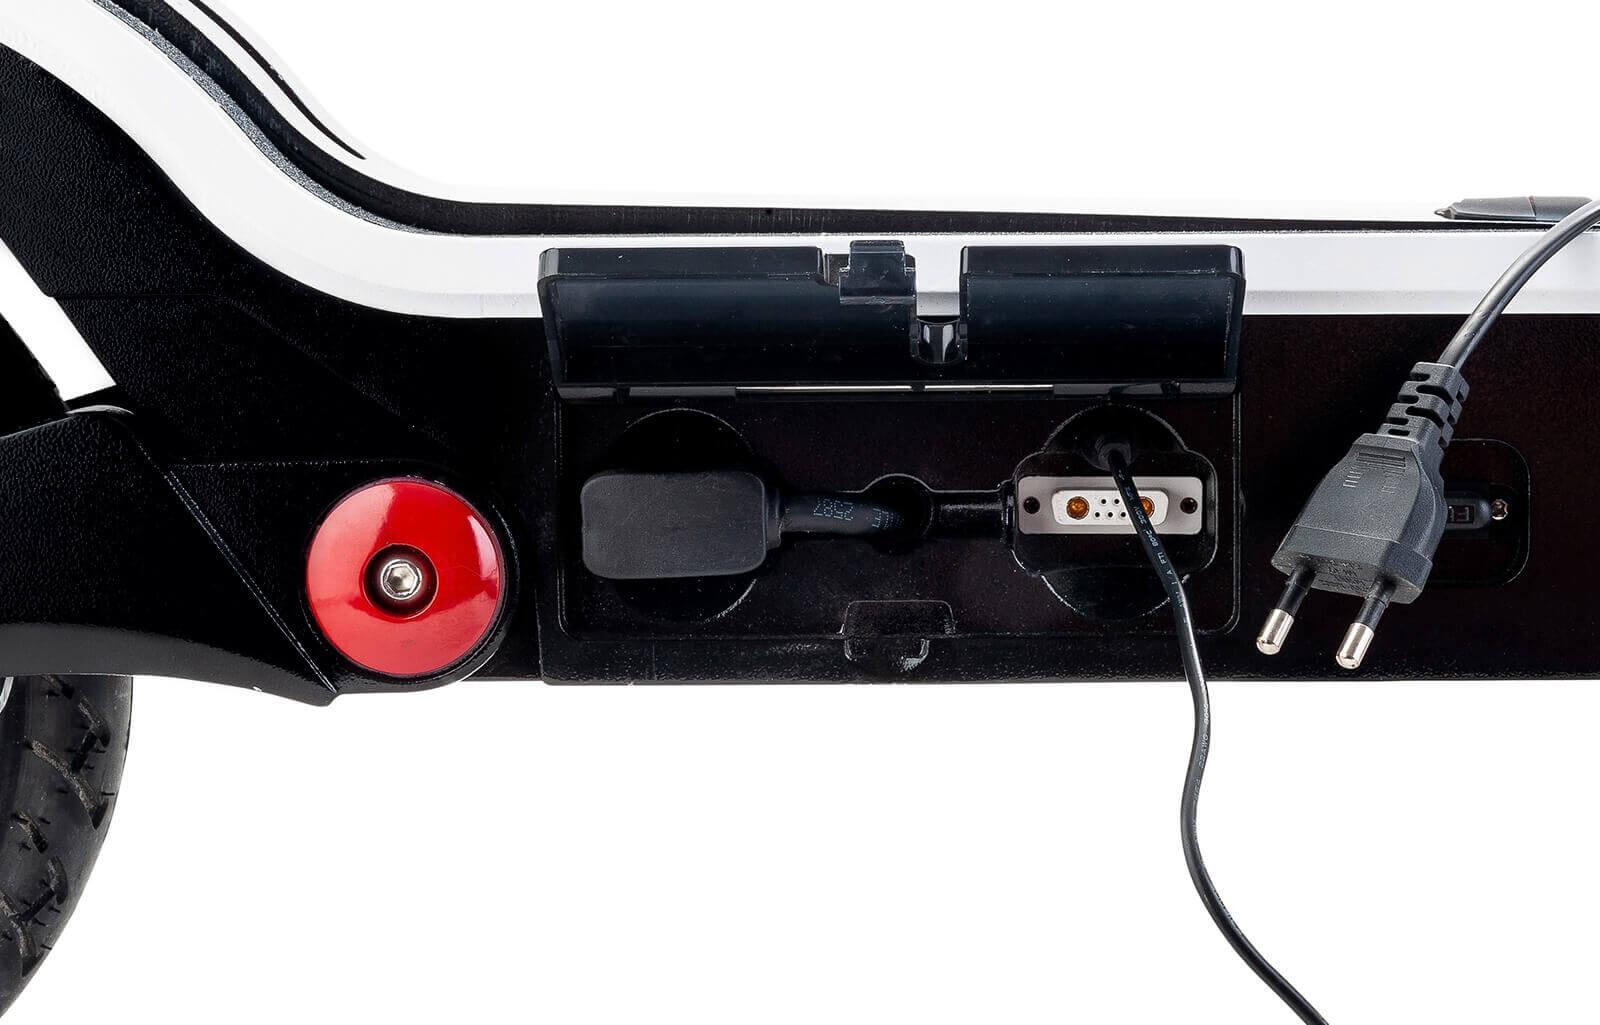 Veeley-v5-elektrische-step-wit-levertijd